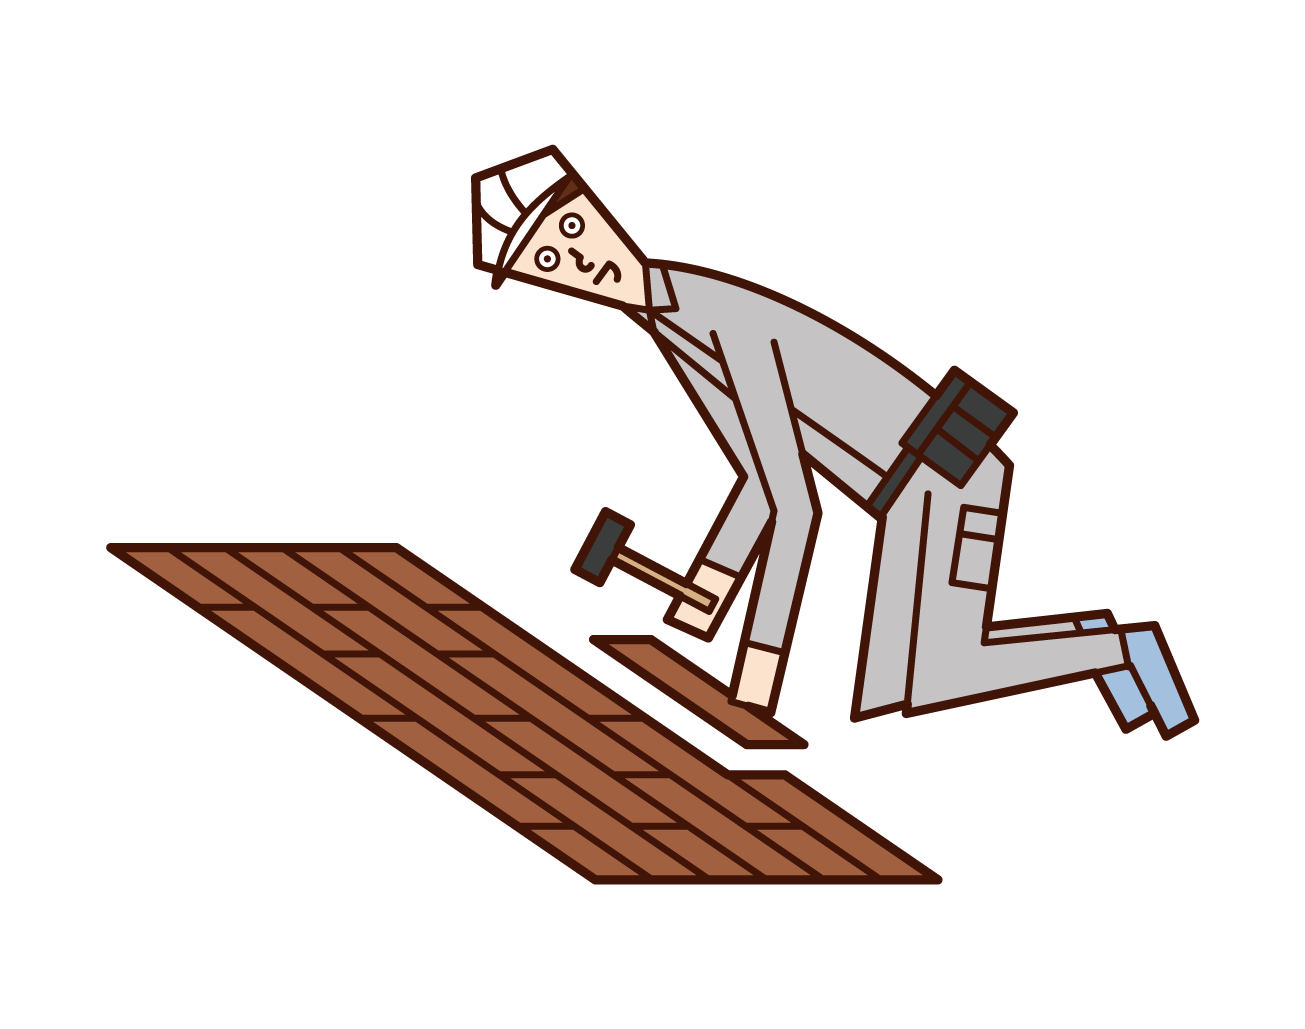 바닥을 붙여 넣거나 실내 공사를하는 사람 (남성)의 그림